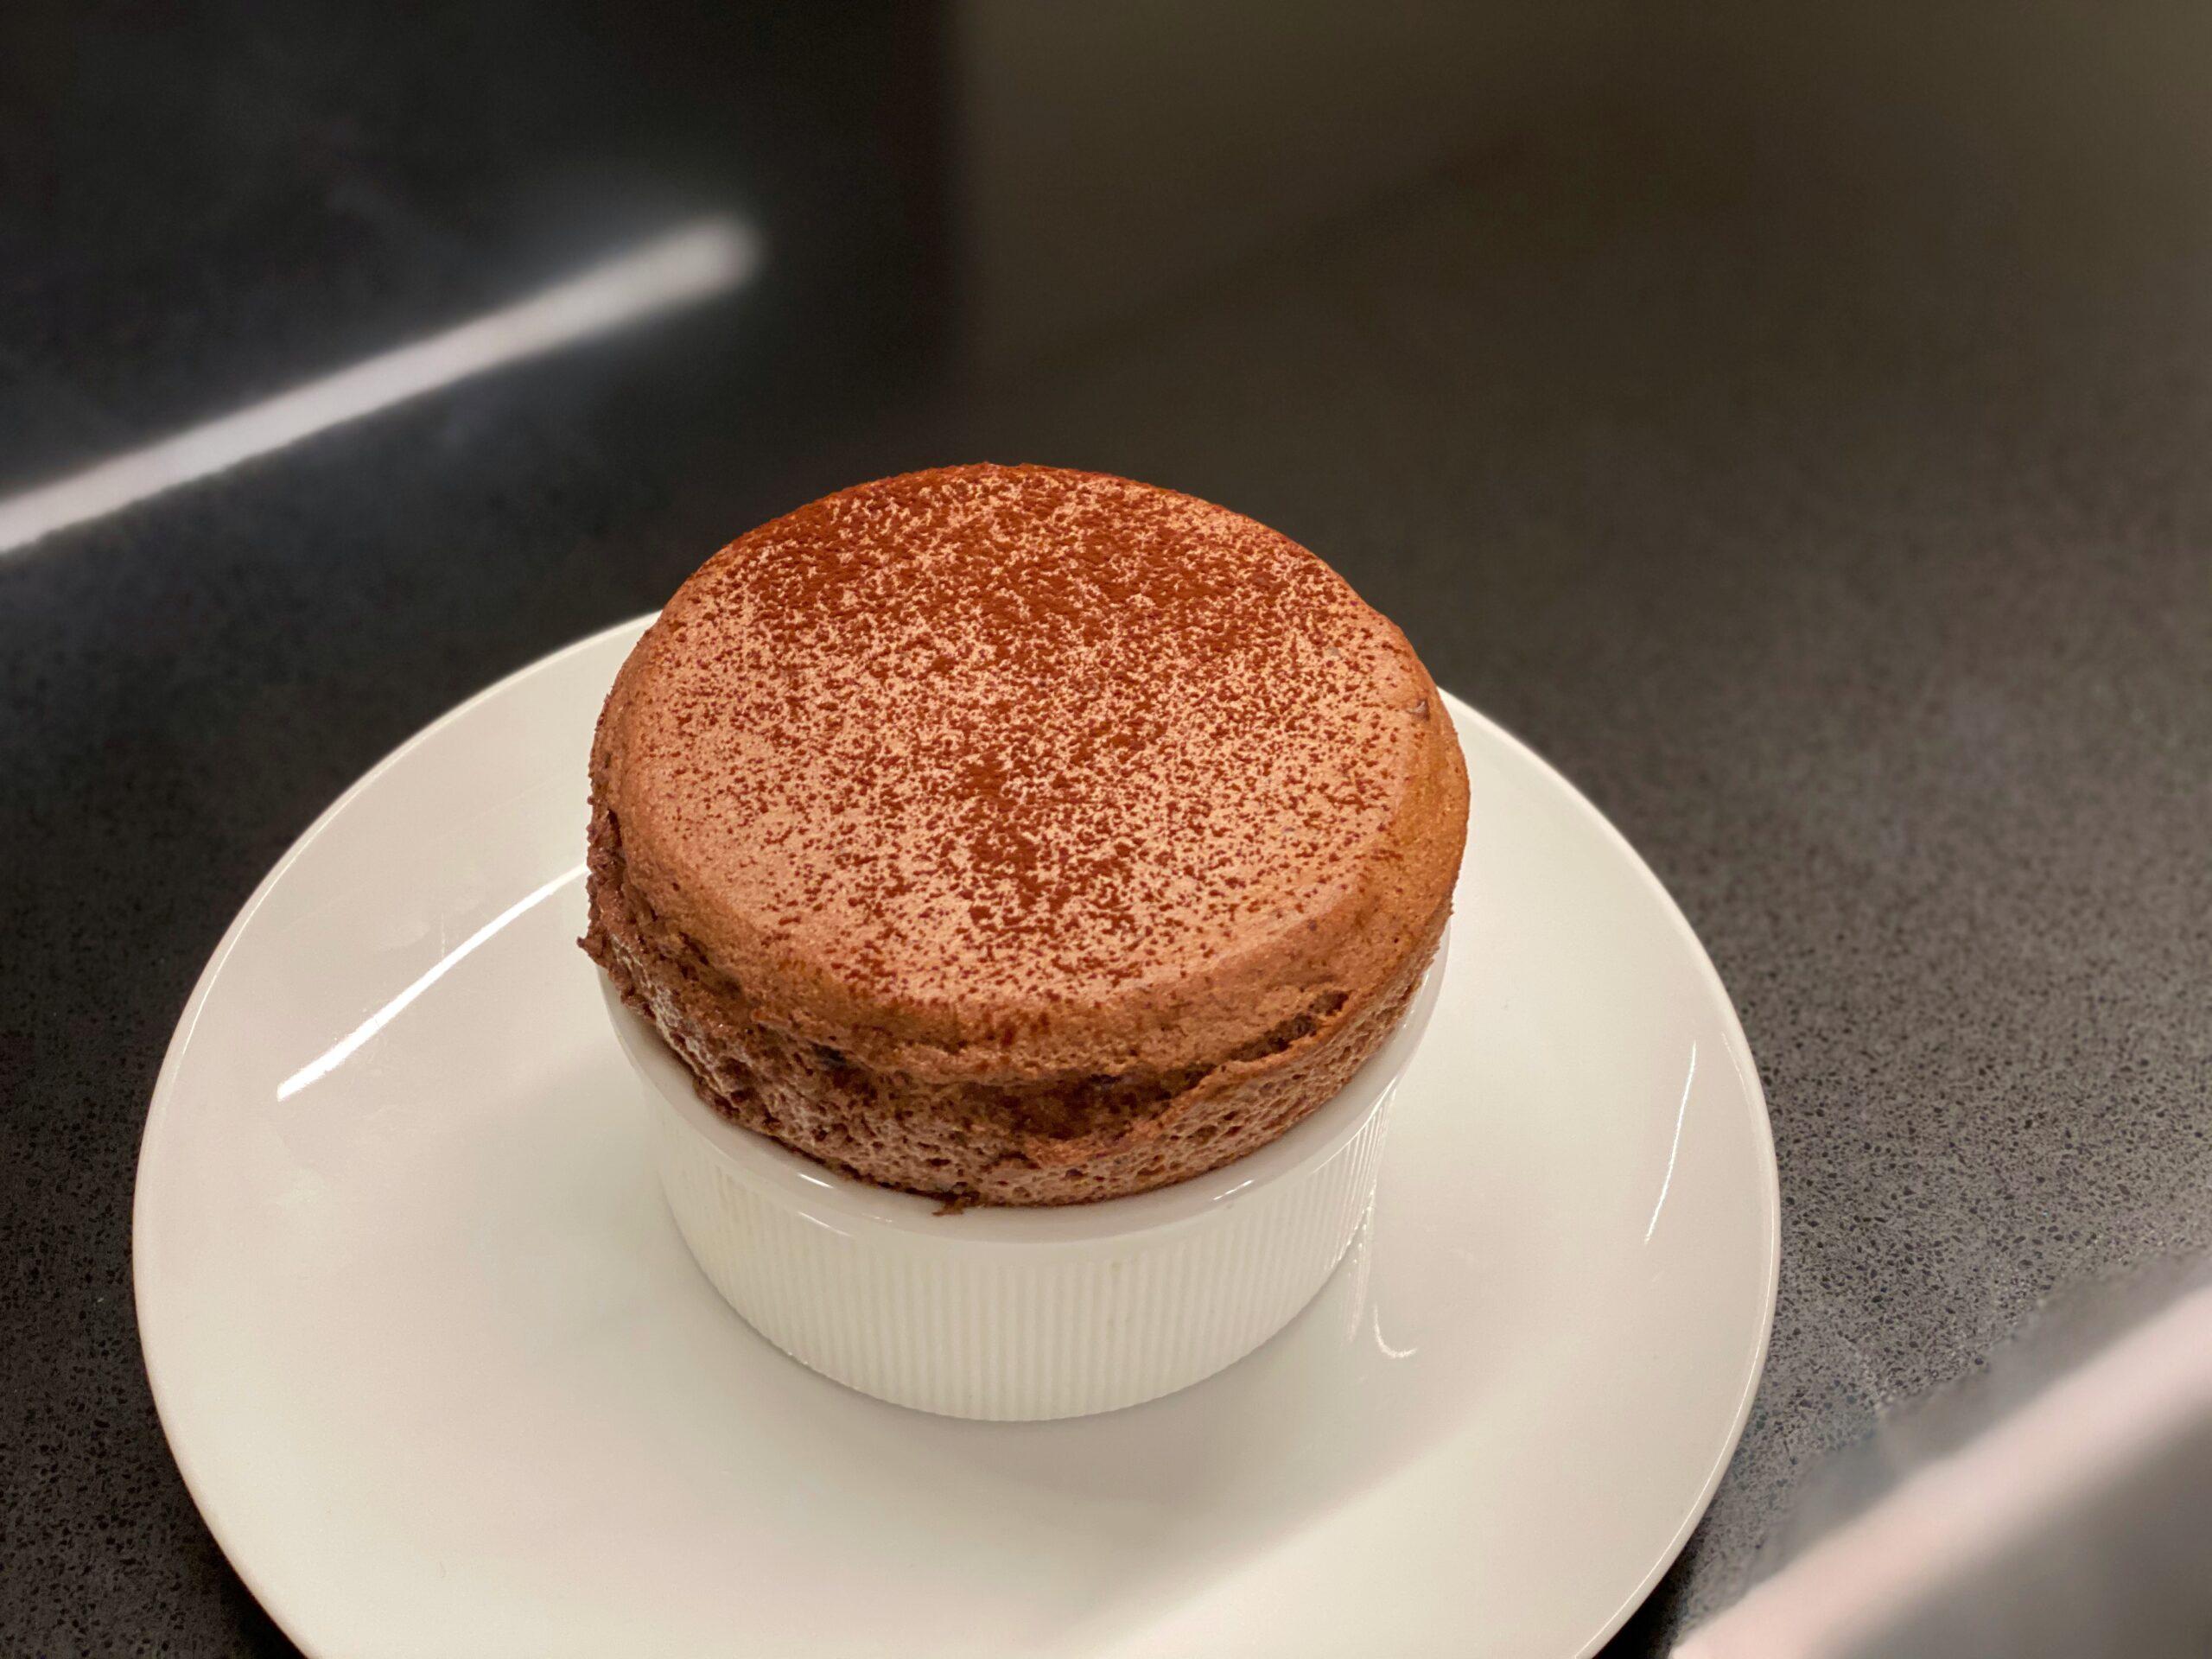 fresh baked chocolate souffle